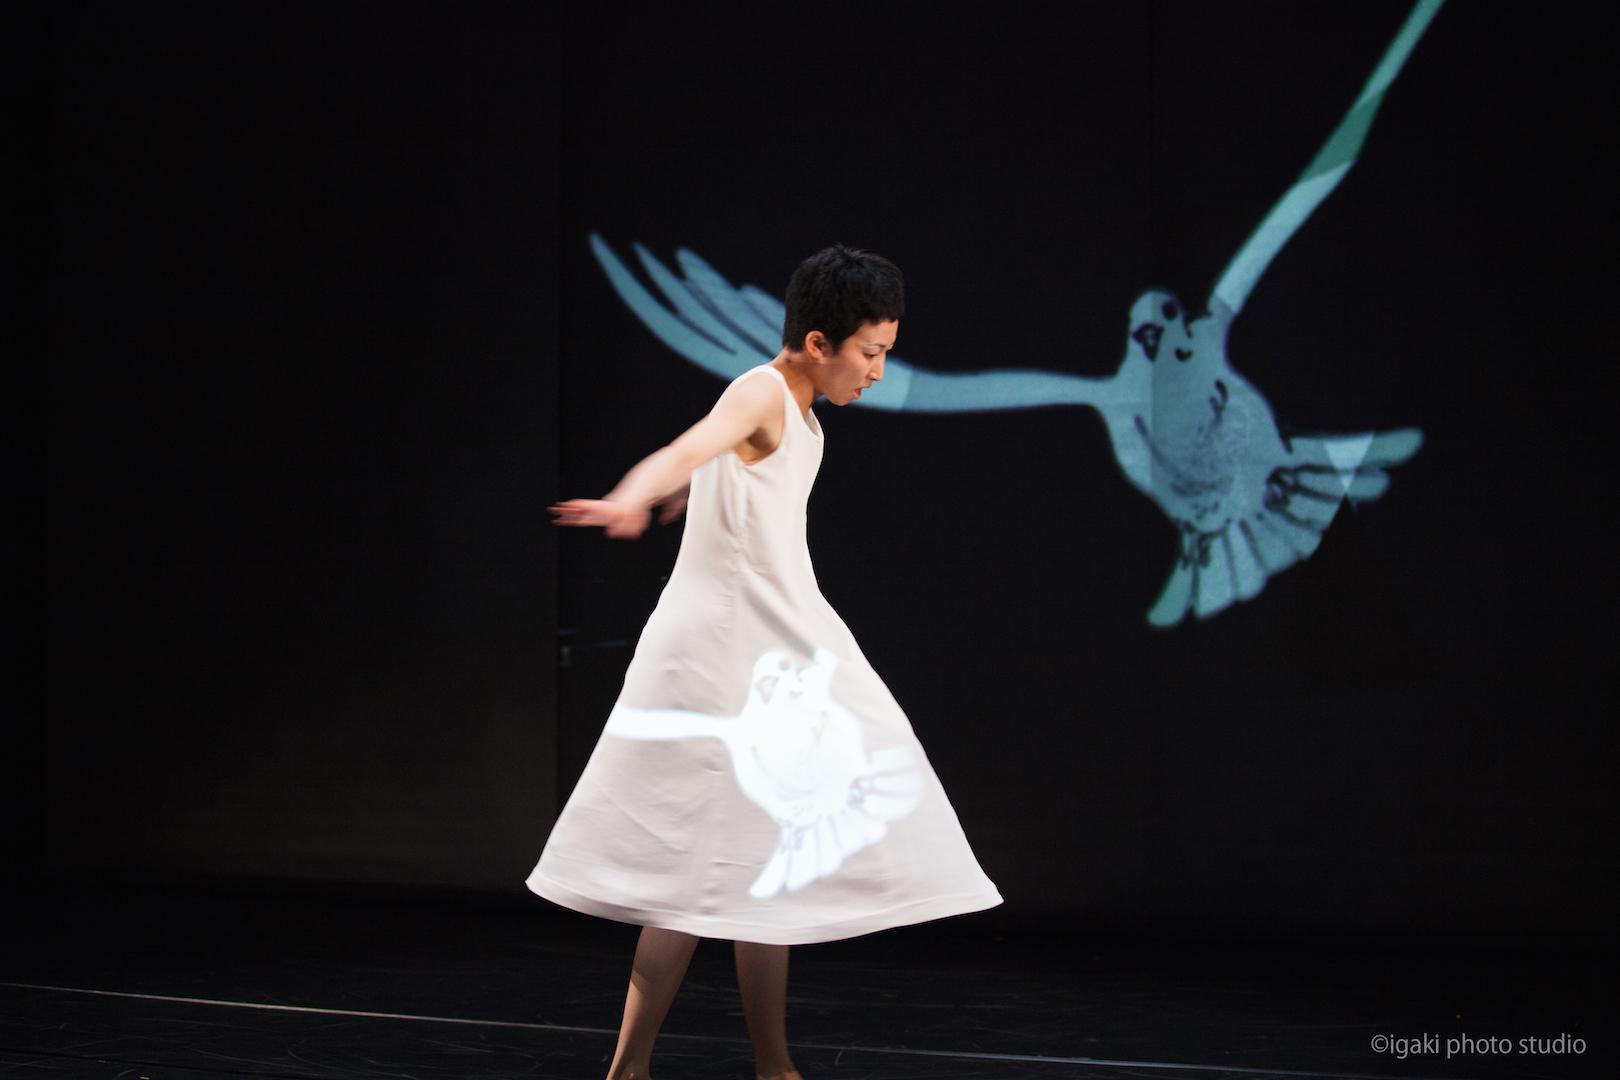 映像芝居『錆からでた実』ショーイング風景@城崎国際アートセンター ©igaki photo studio